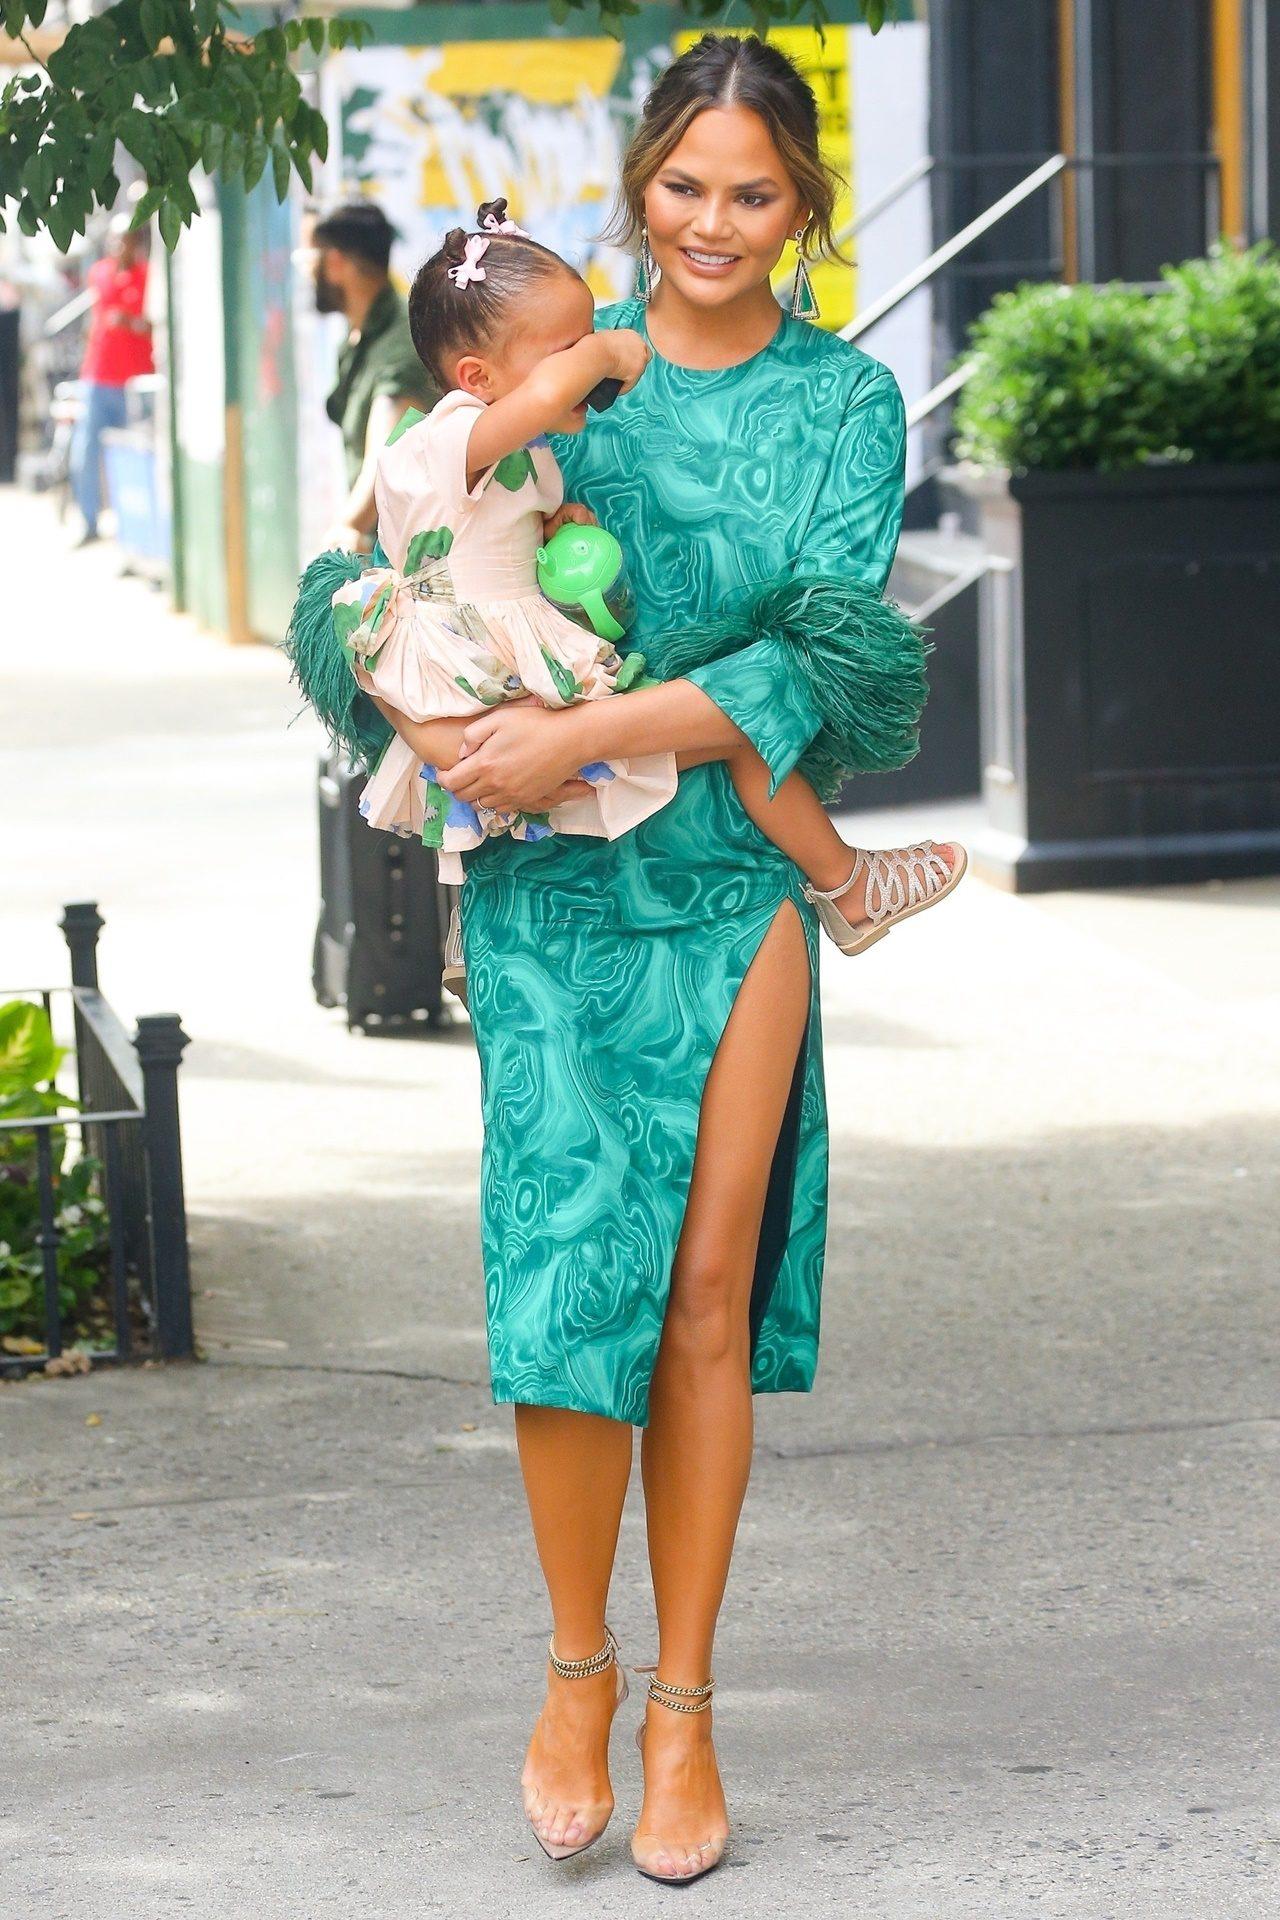 Elegancka Chrissy Teigen na spacerze z córką.